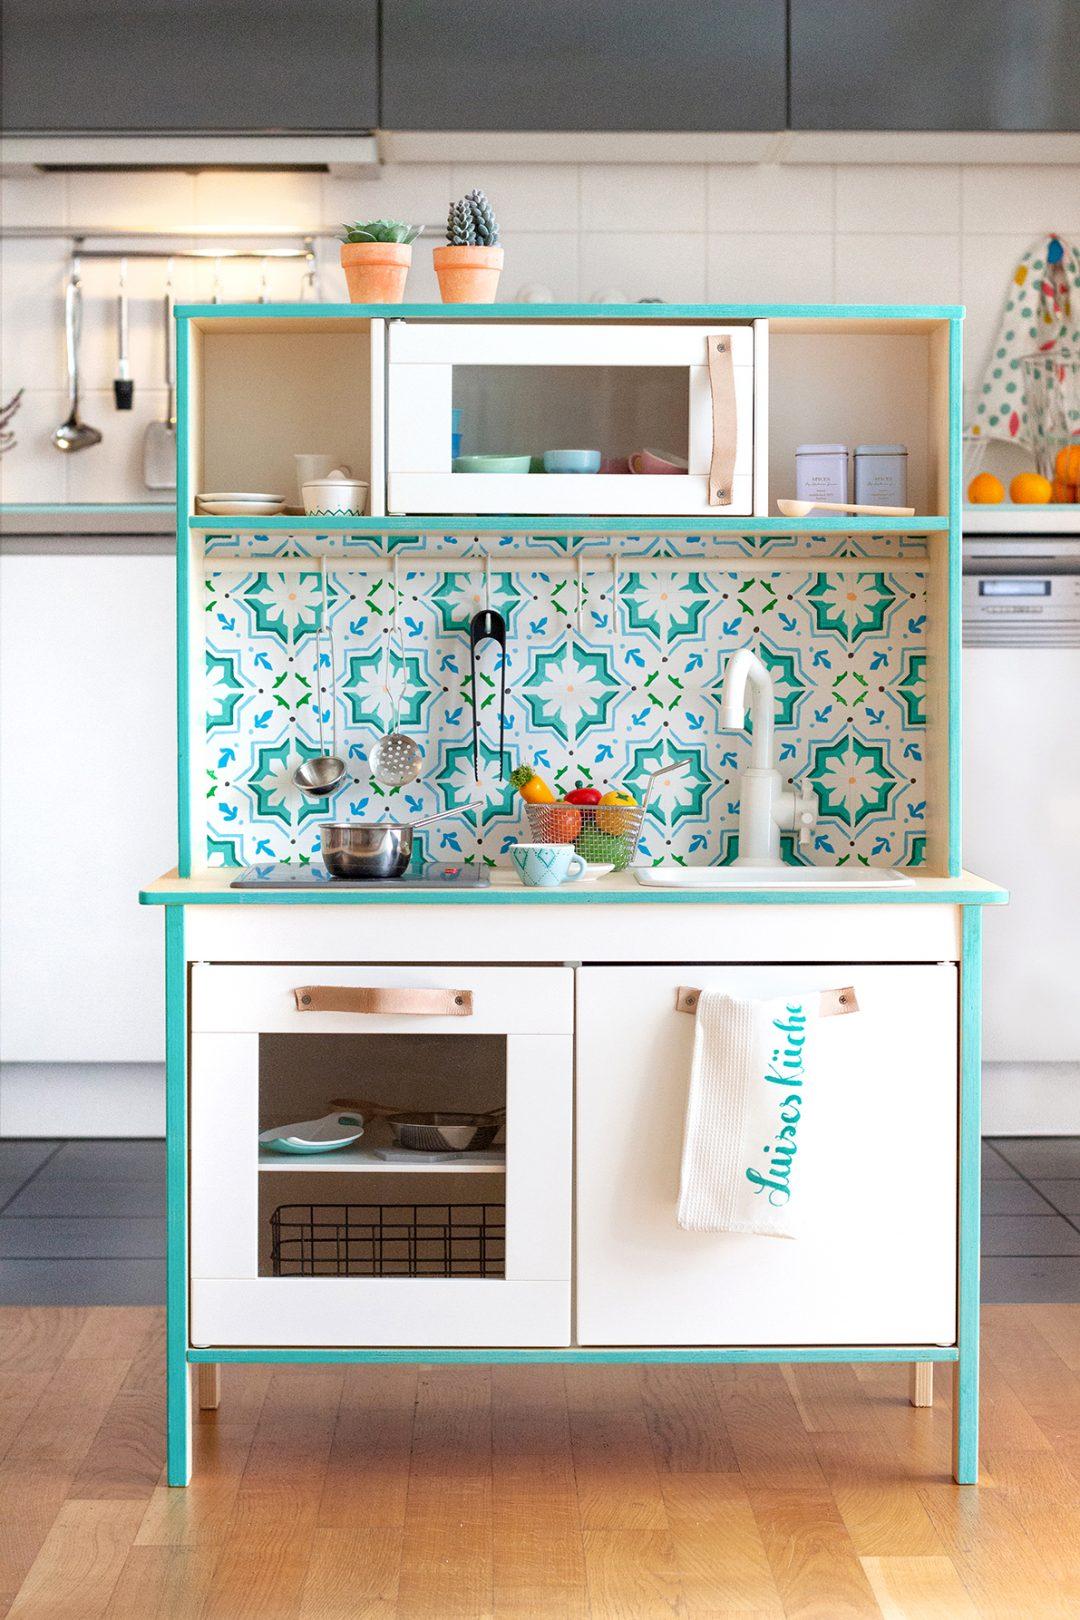 Full Size of Ikea Küche Grün Pimp My Kitchen Duktig Kinderkche Und Zubehr Bemalen Müllsystem Armaturen Einhebelmischer Schwingtür Amerikanische Kaufen Rollwagen Modul Wohnzimmer Ikea Küche Grün